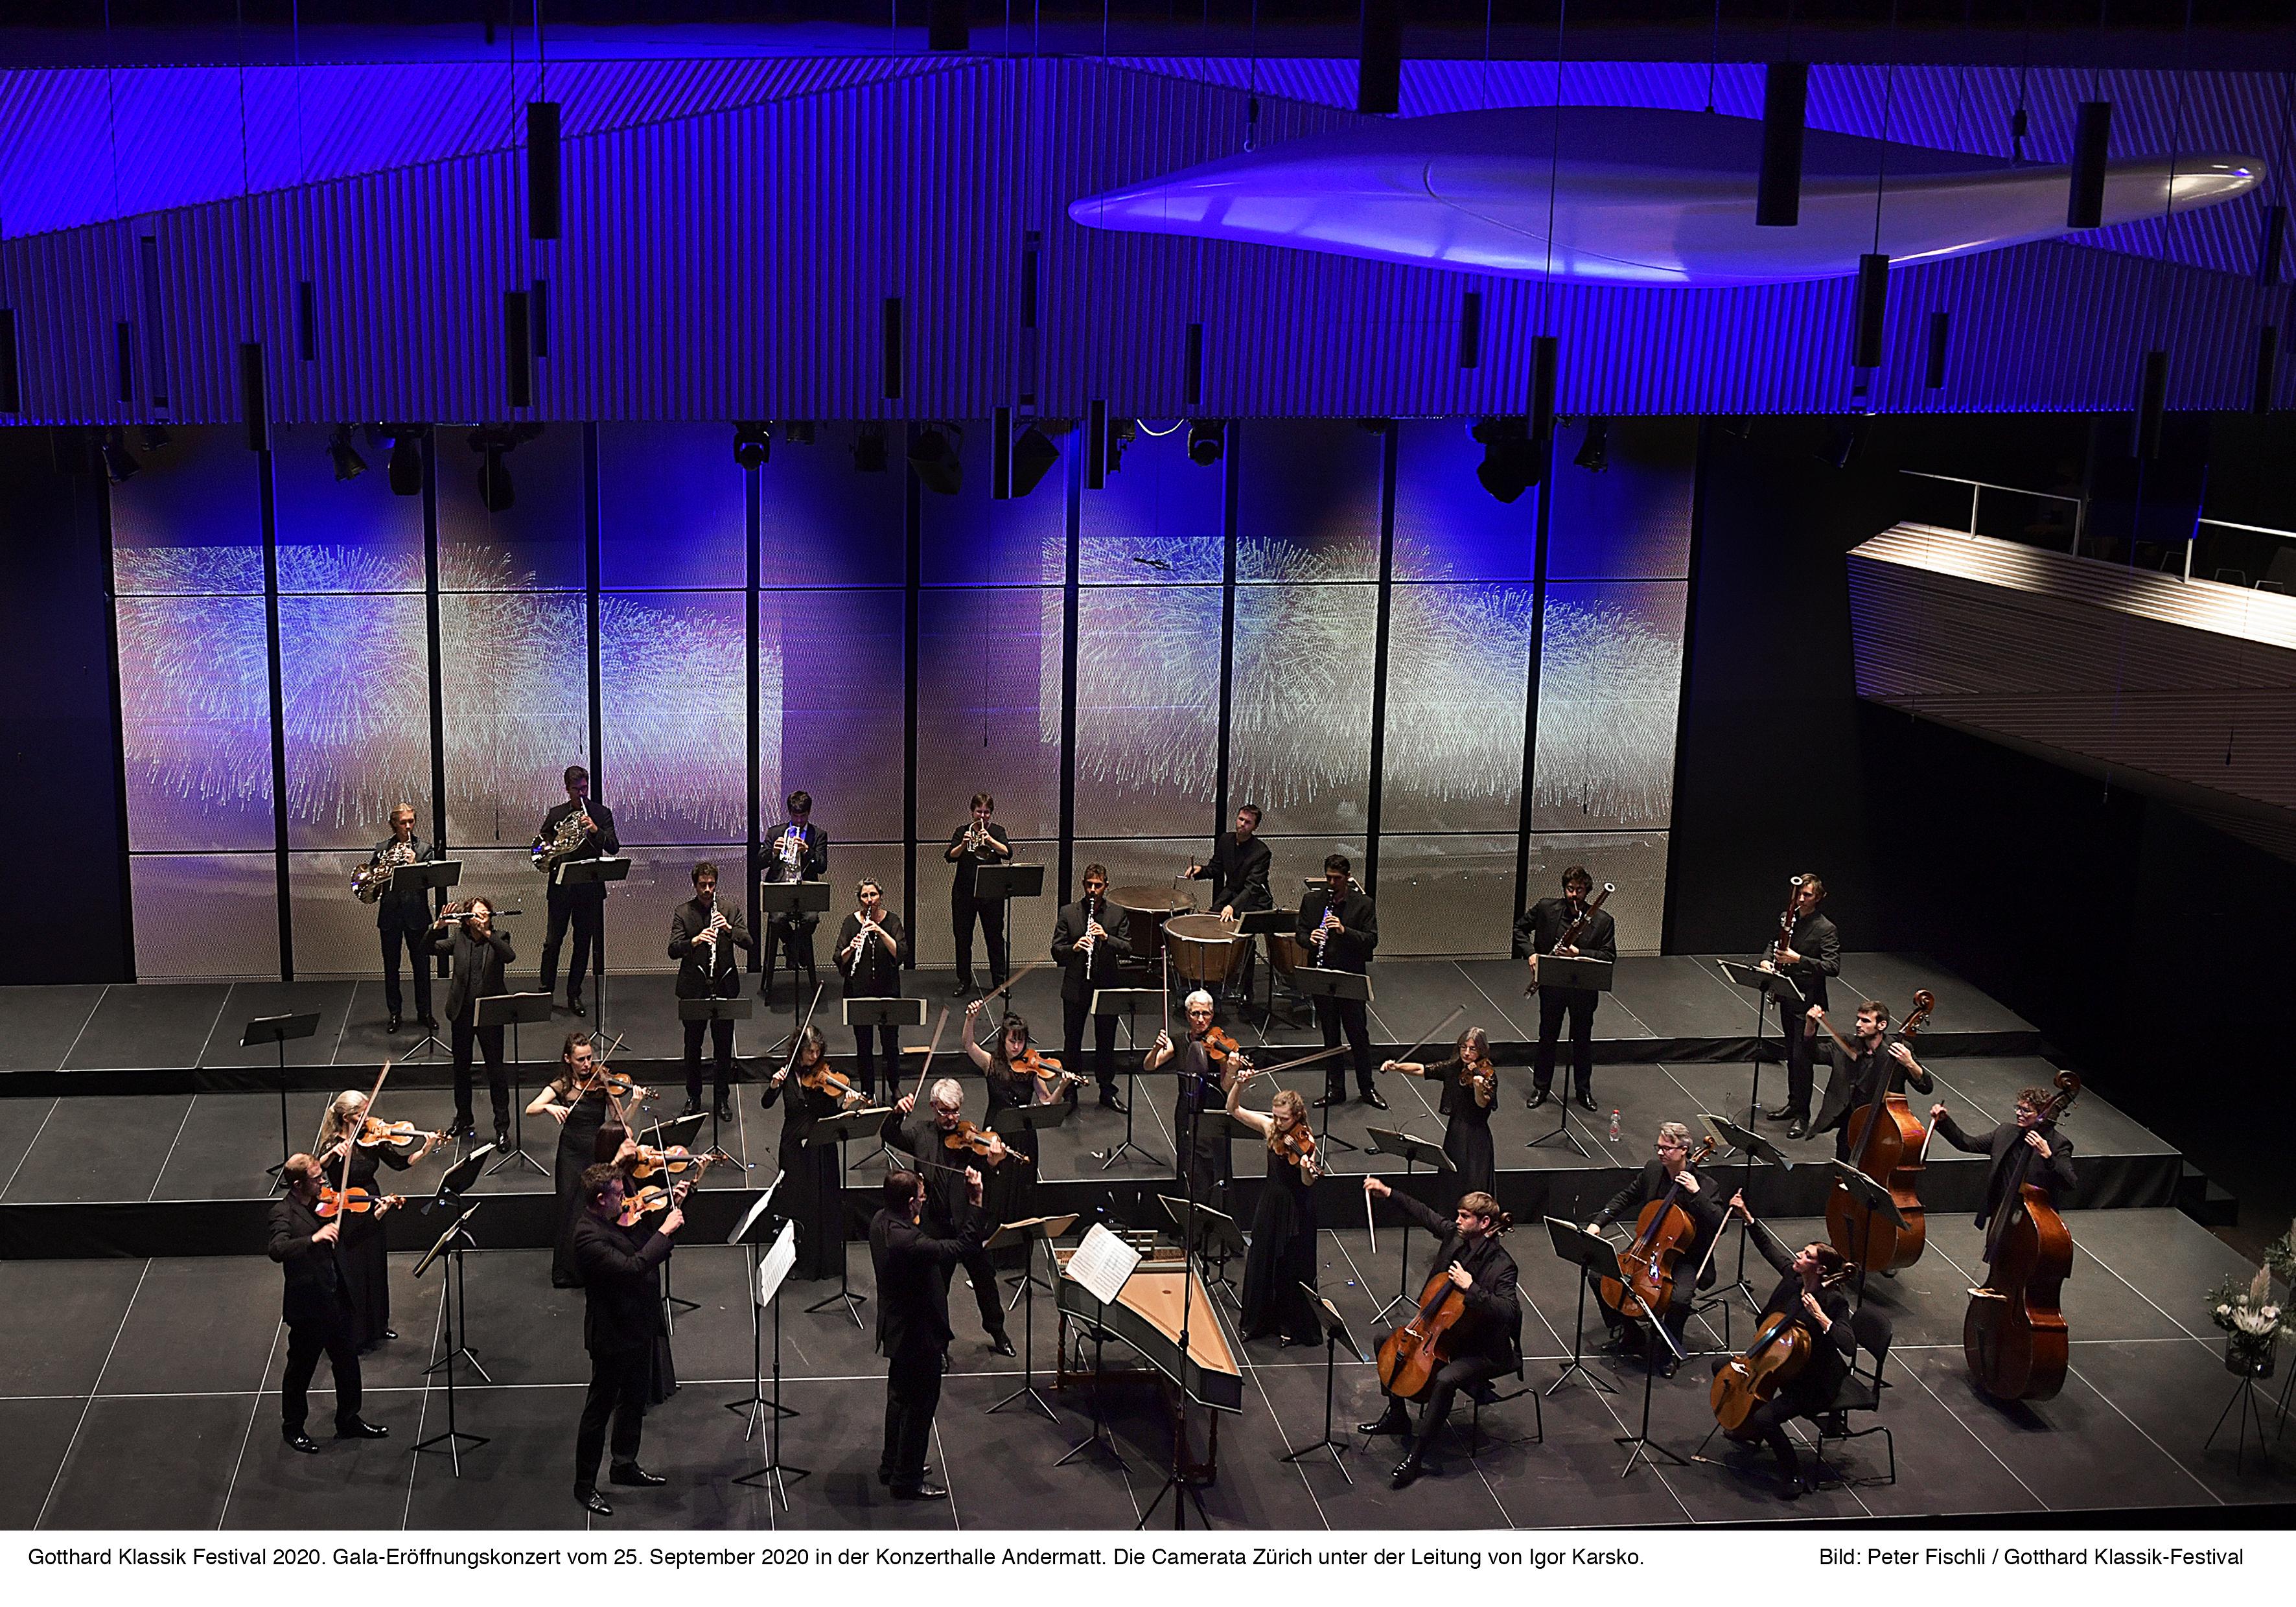 Gotthard Klassik-Festival 2021